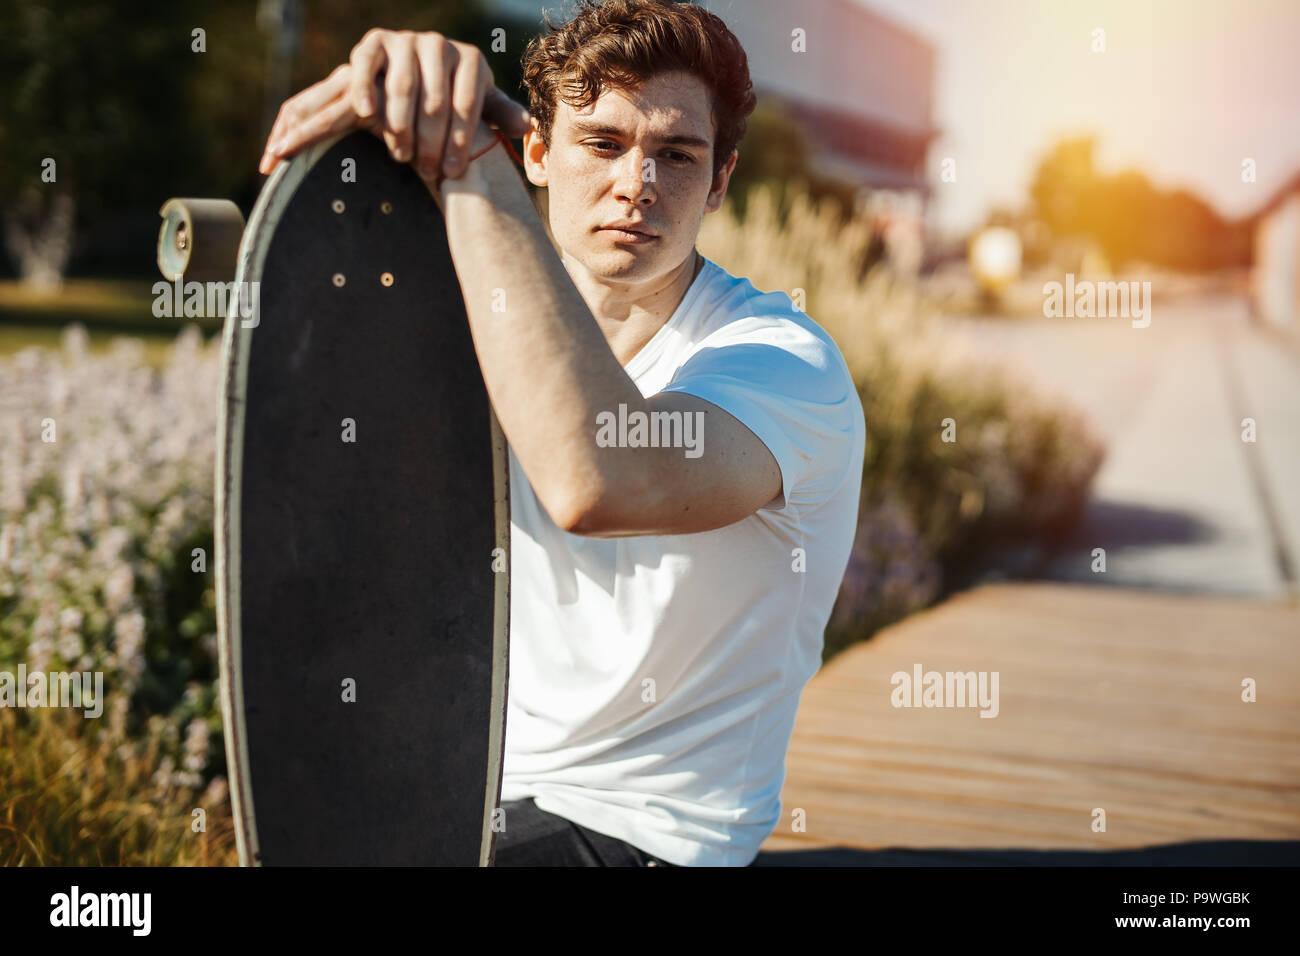 Jungen attraktiven Mann sitzt auf der Bank im Park und halten Longboard. Stockbild